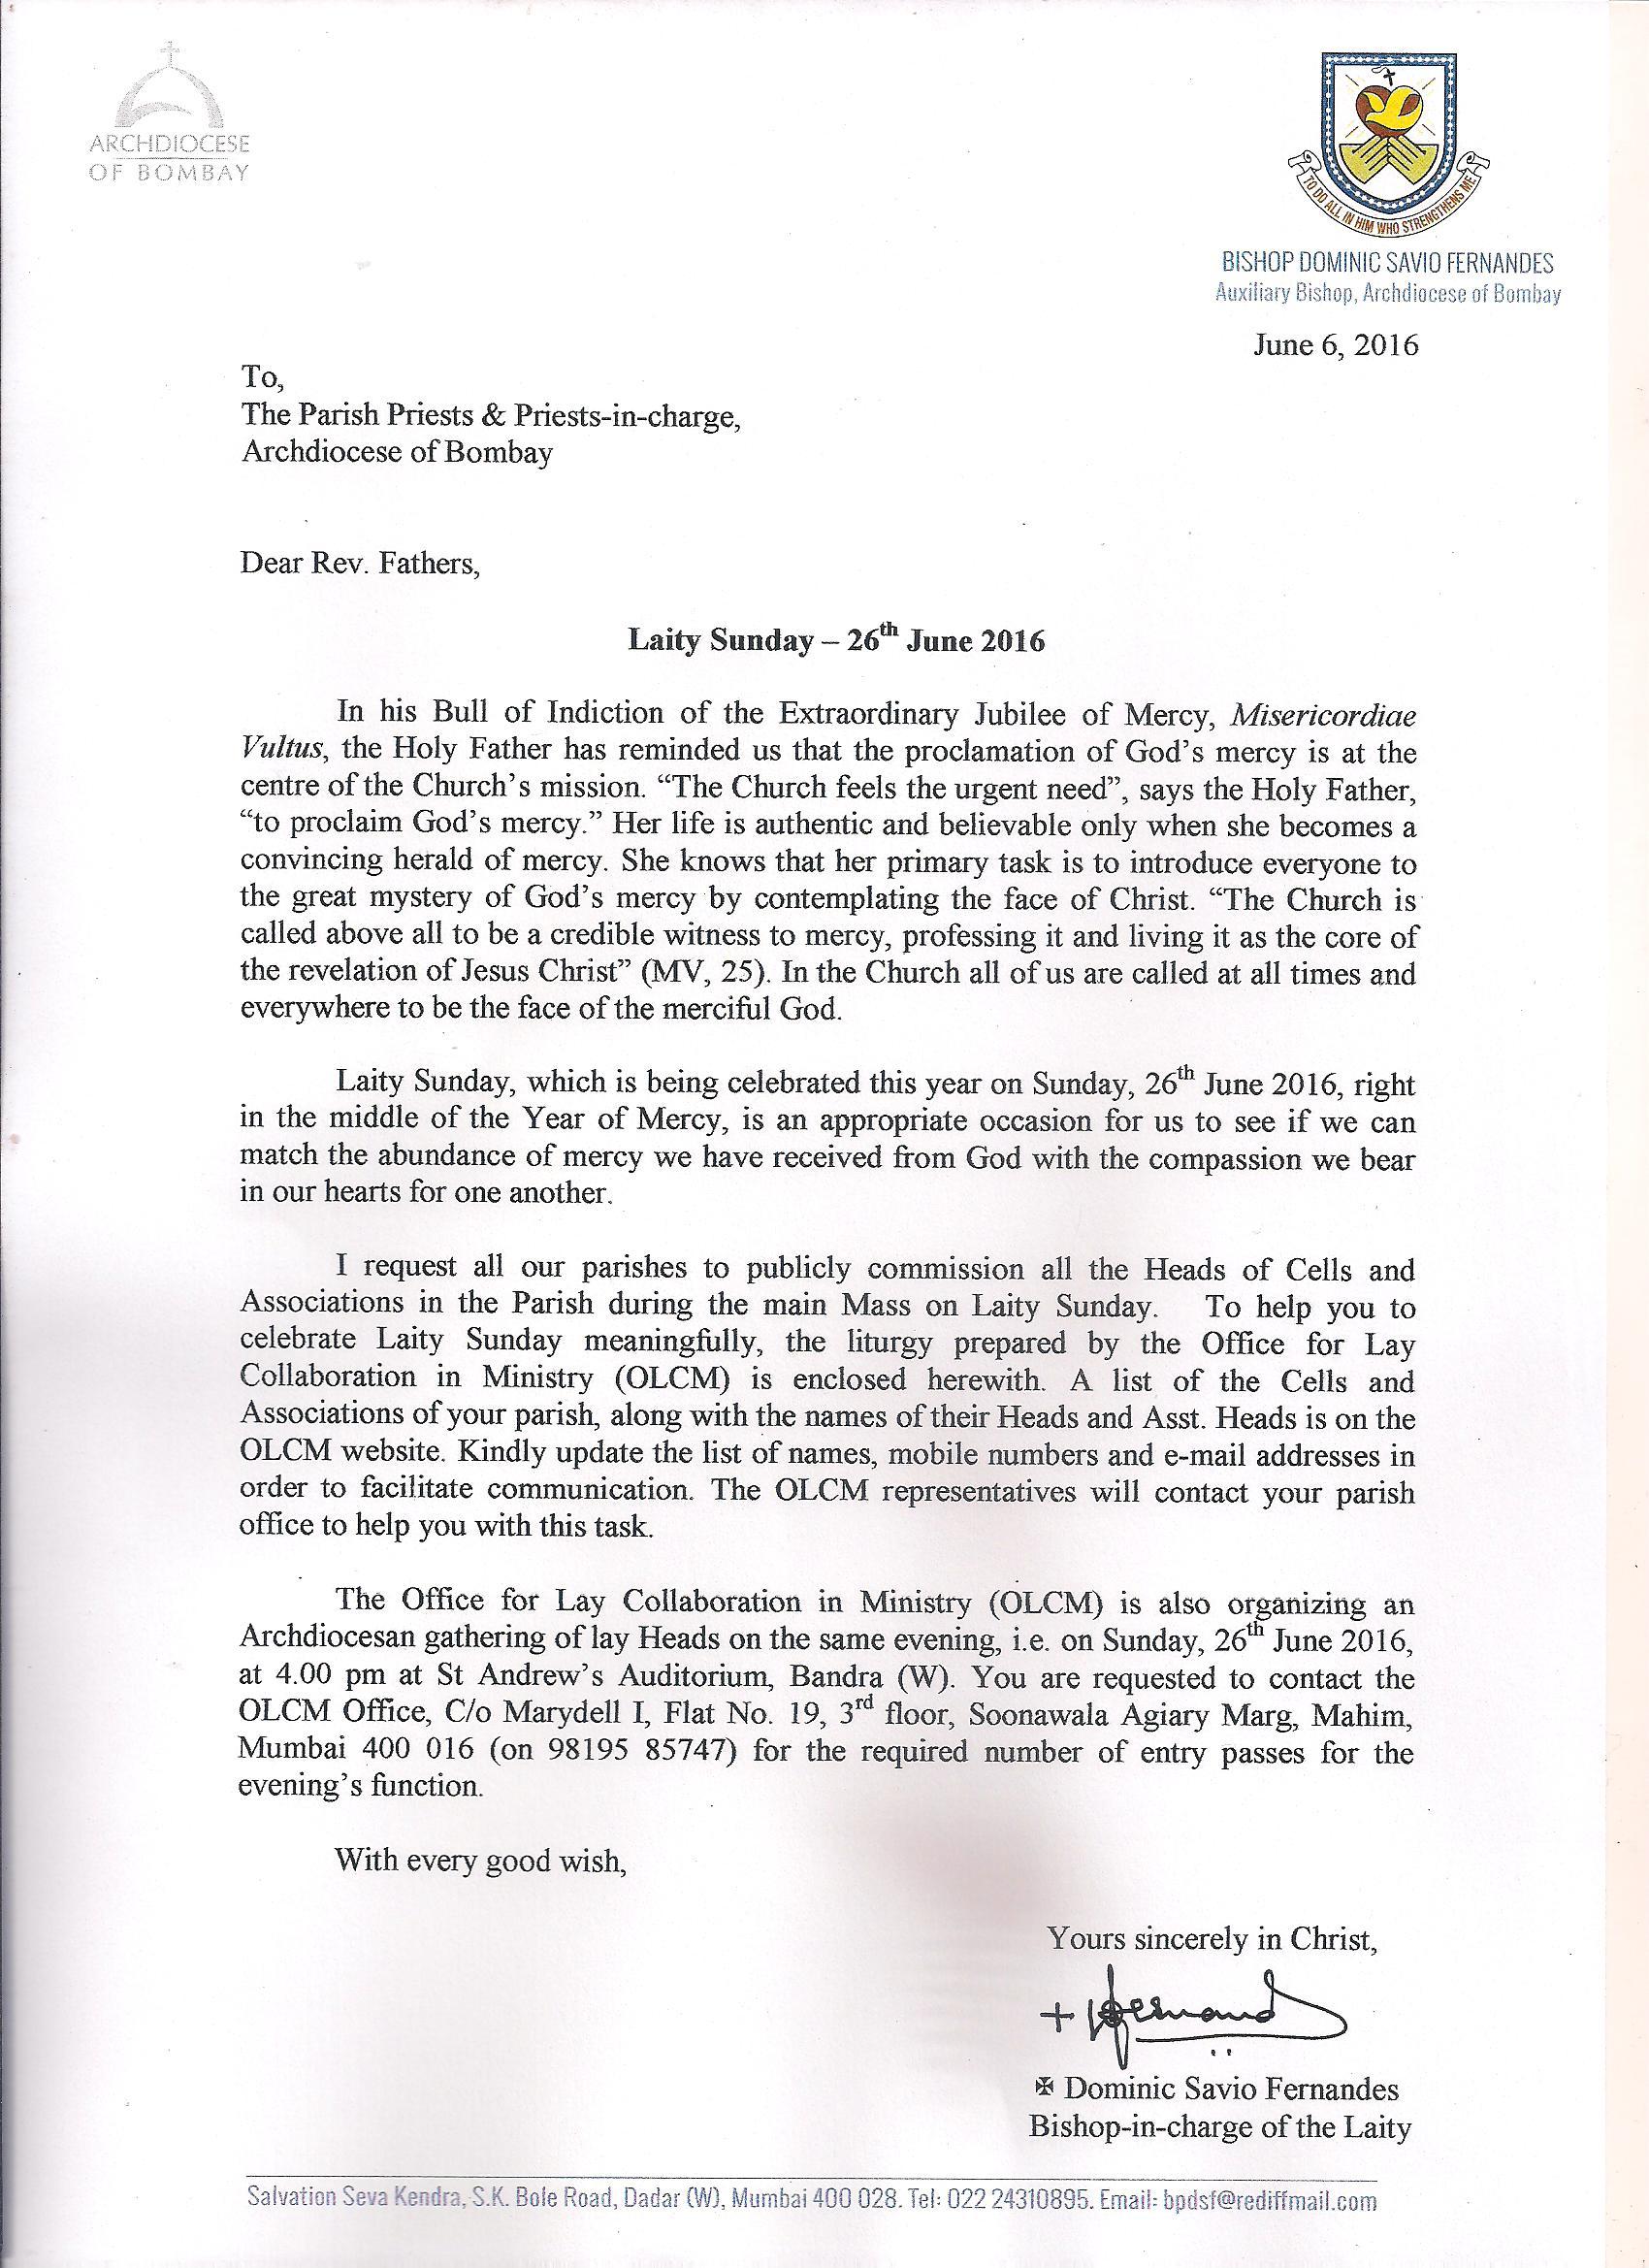 Bishops Laity Sunday Letter